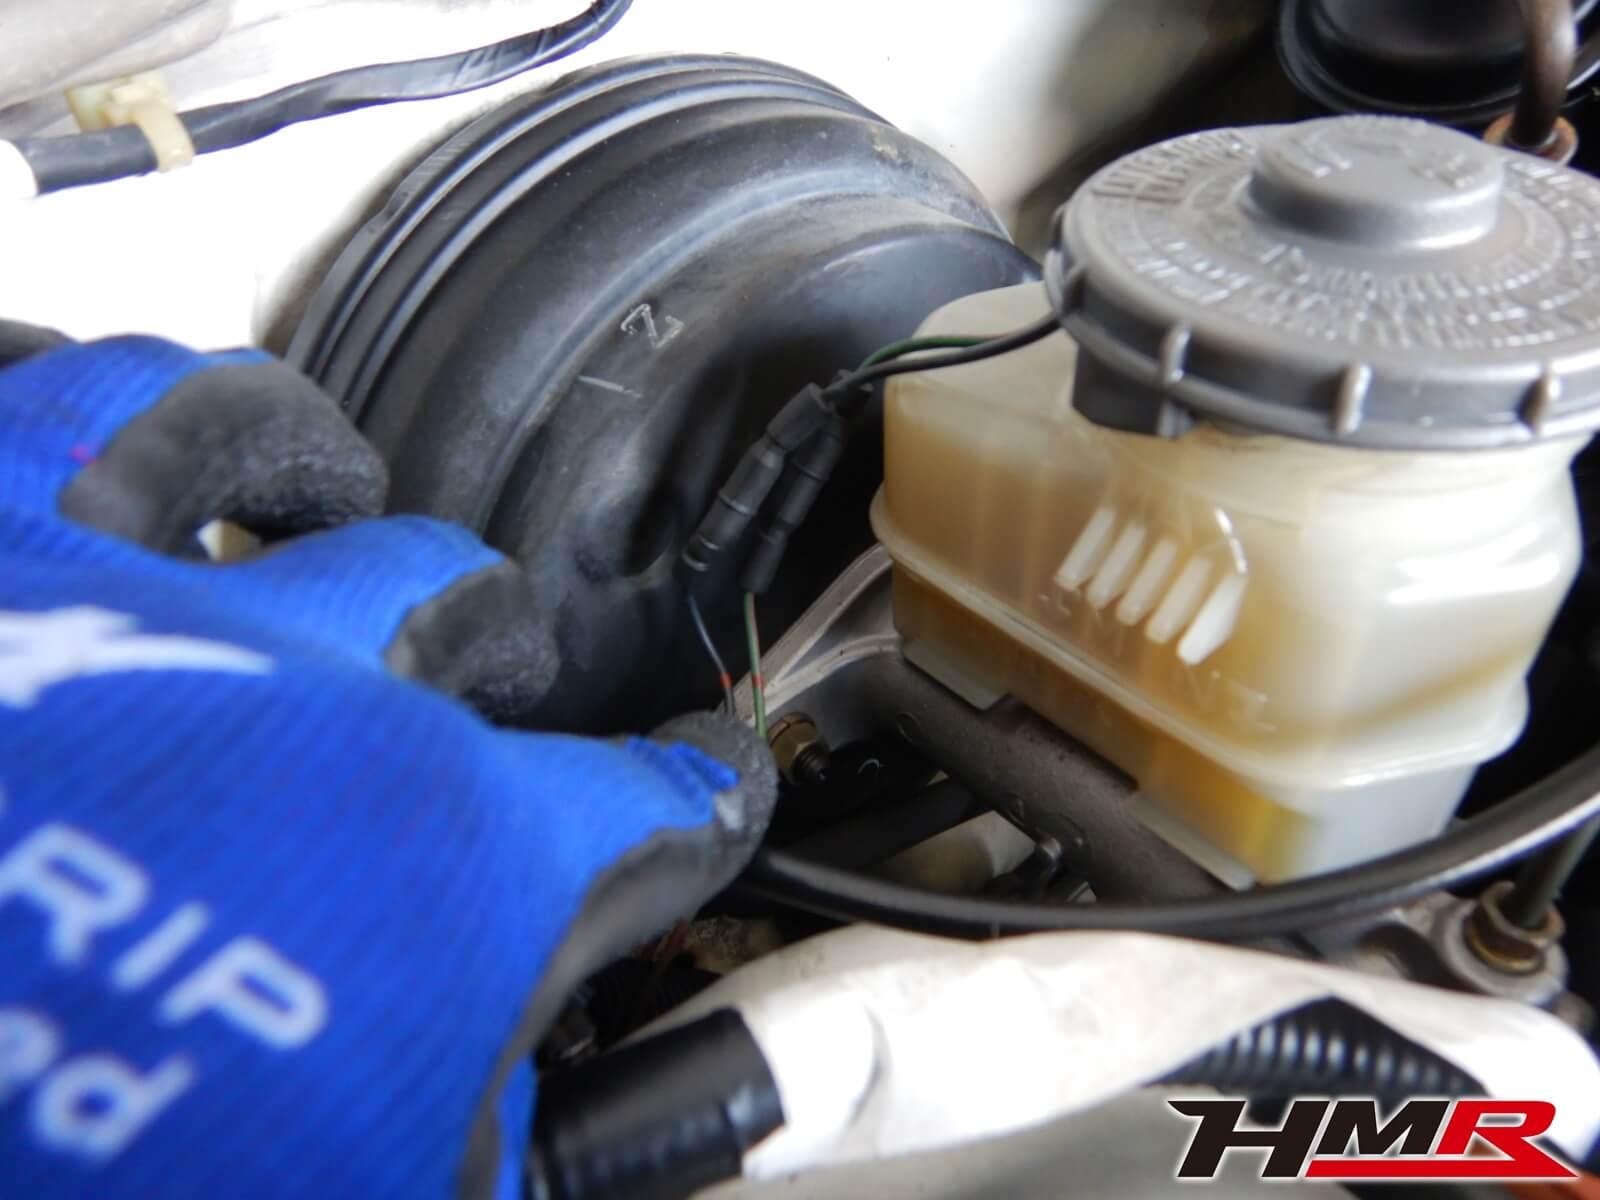 シビックタイプR EK9 ブレーキマスター点検